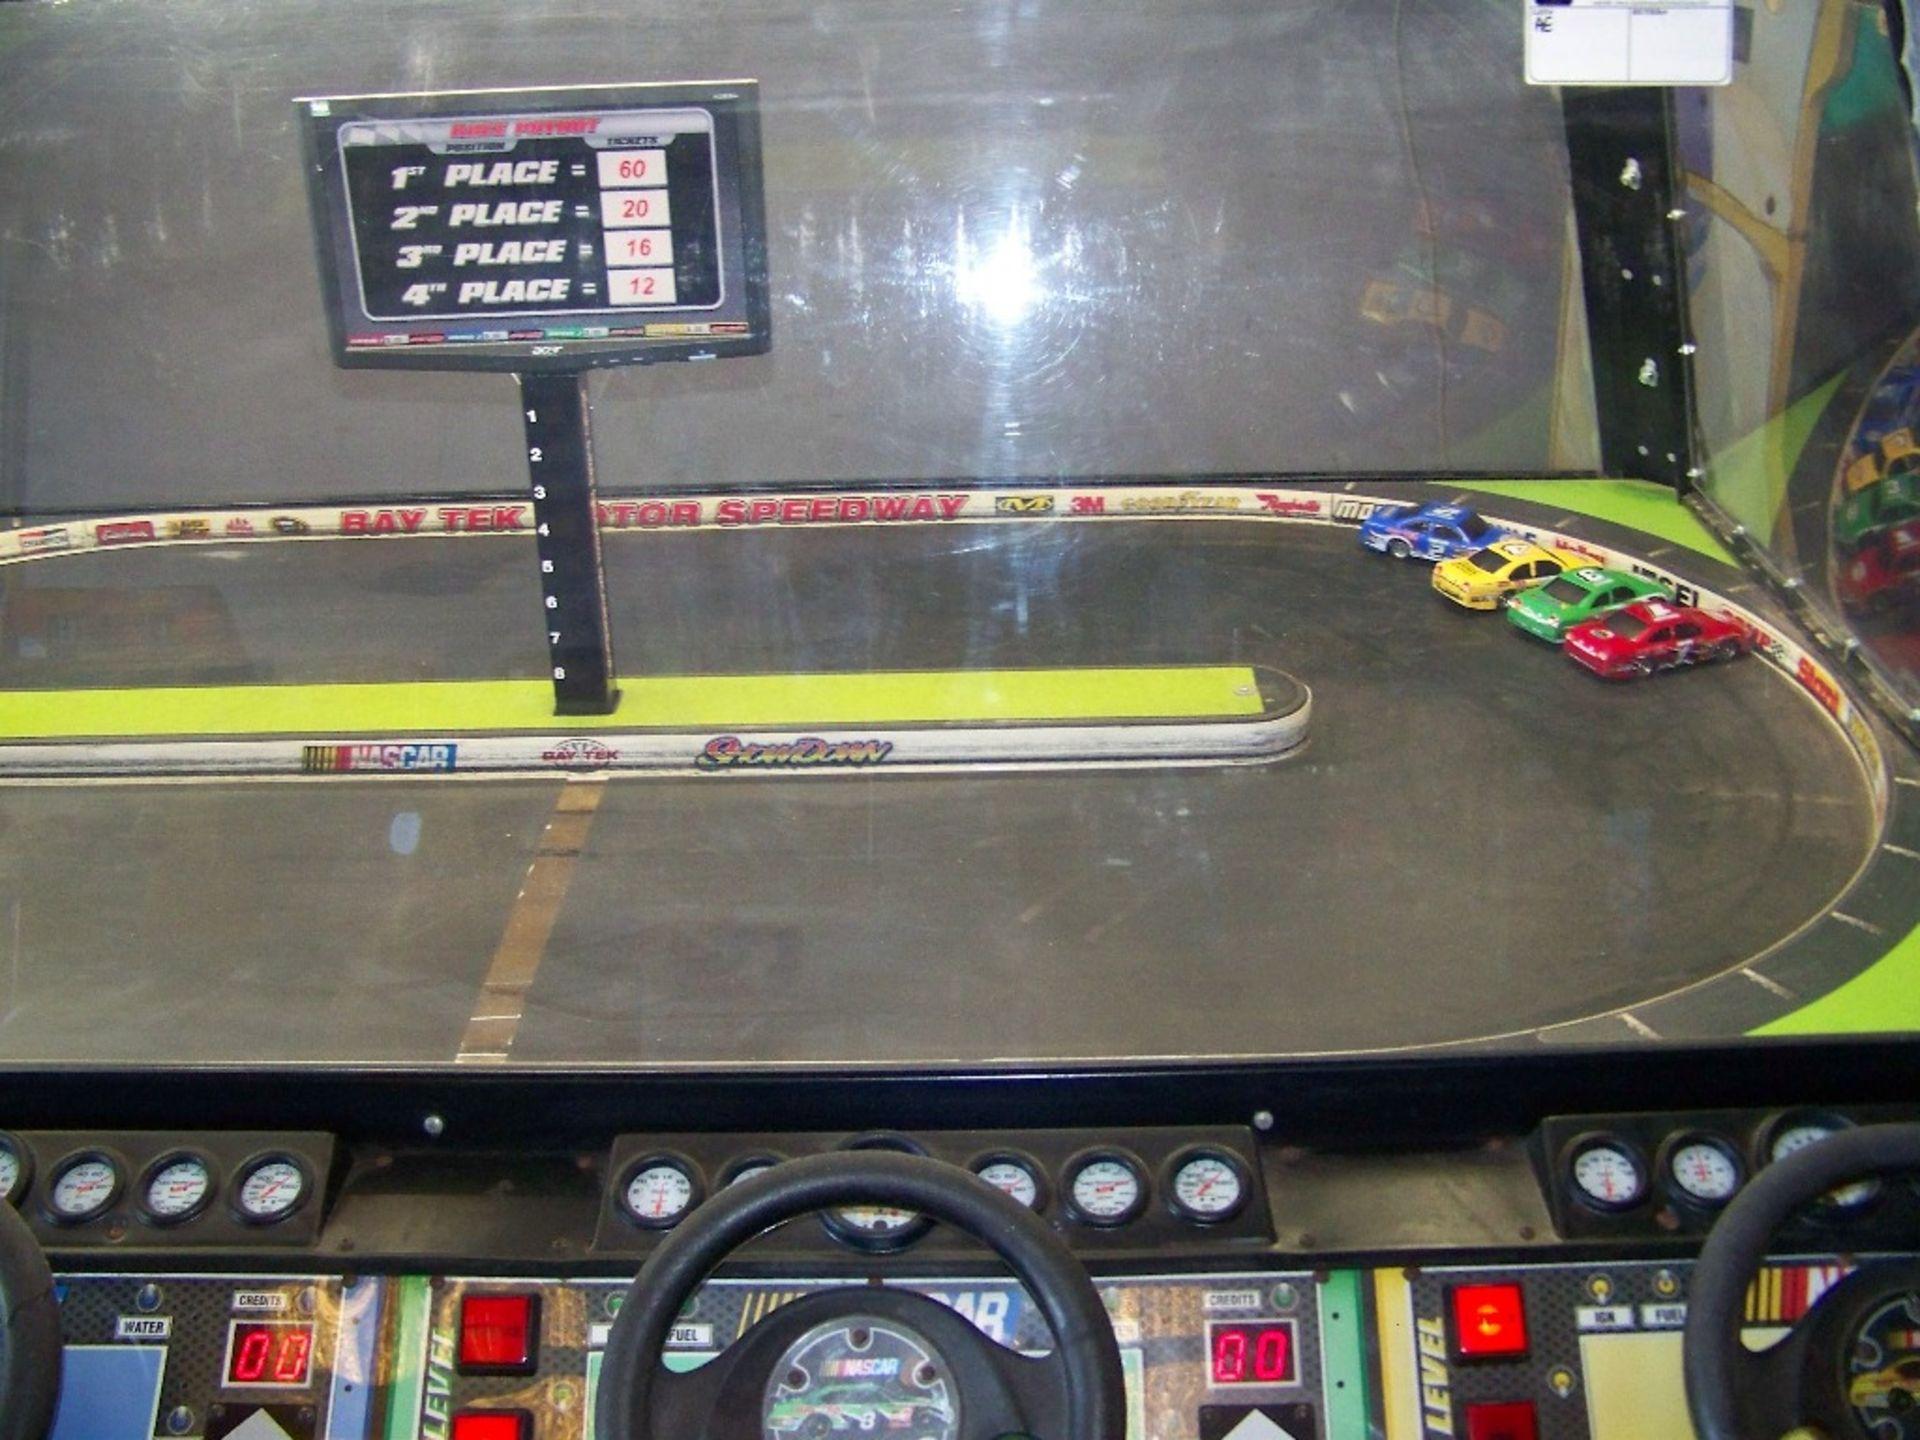 SHOWDOWN 4 PLAYER TICKET REDEMPTION GAME BAYTEK - Image 7 of 12